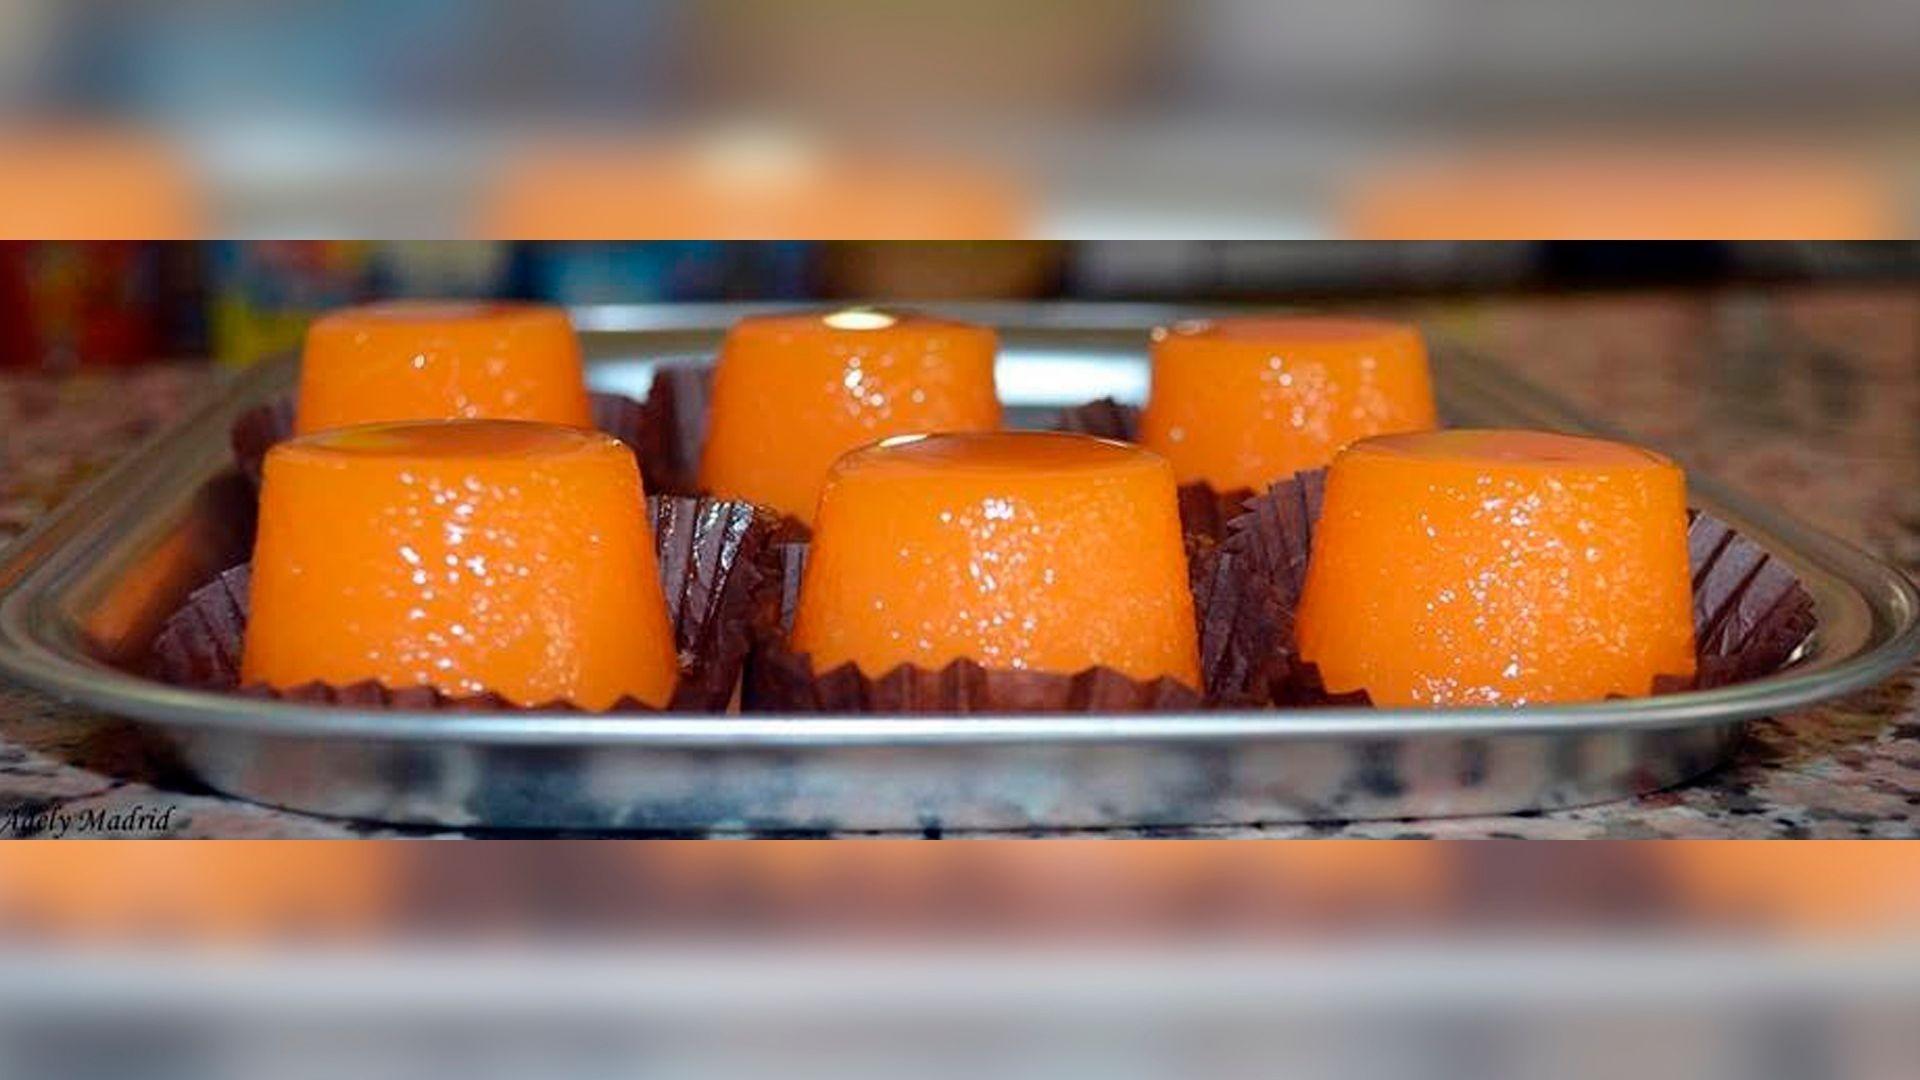 Pastelería artesanal en Guadix